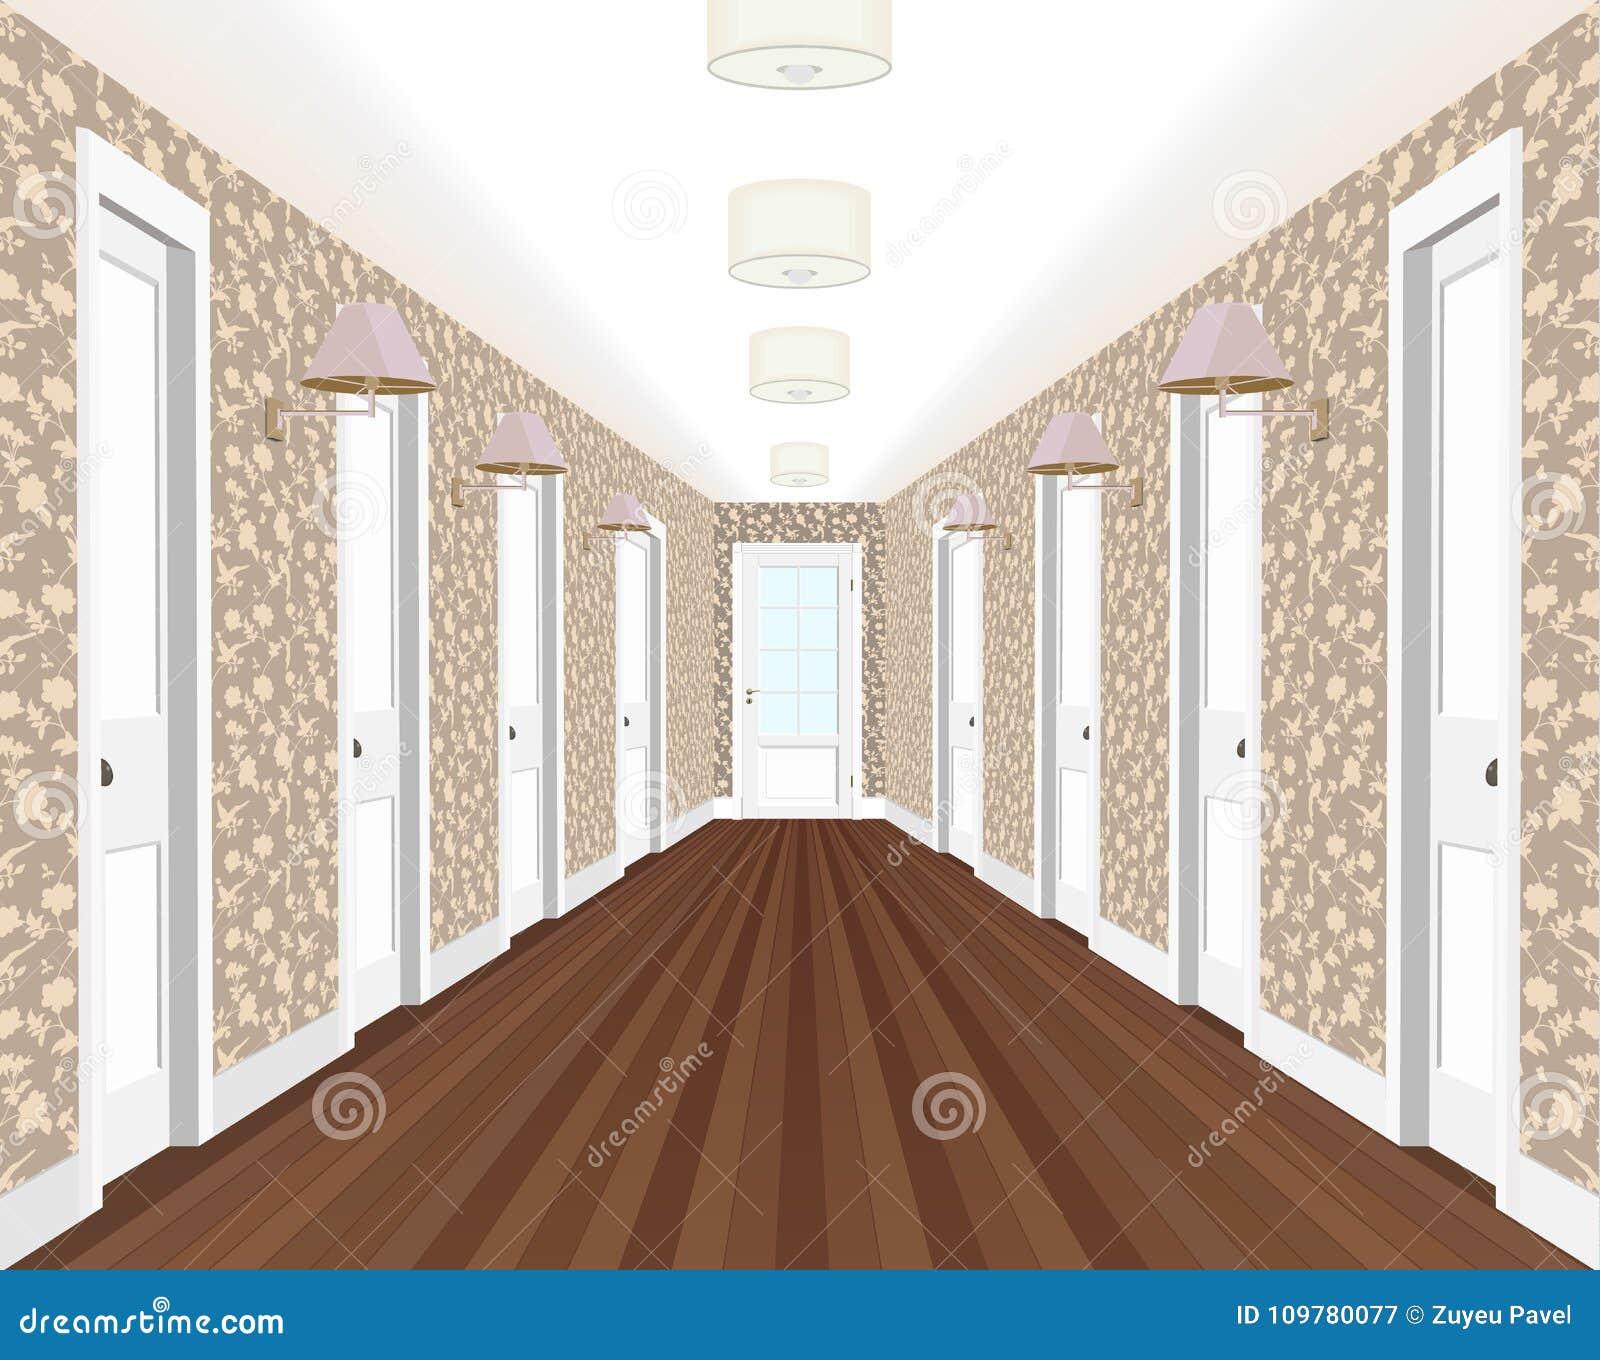 Corredor longo com fileiras de portas fechados Conceito de oportunidades infinitas para o sucesso e dureza da escolha 3d